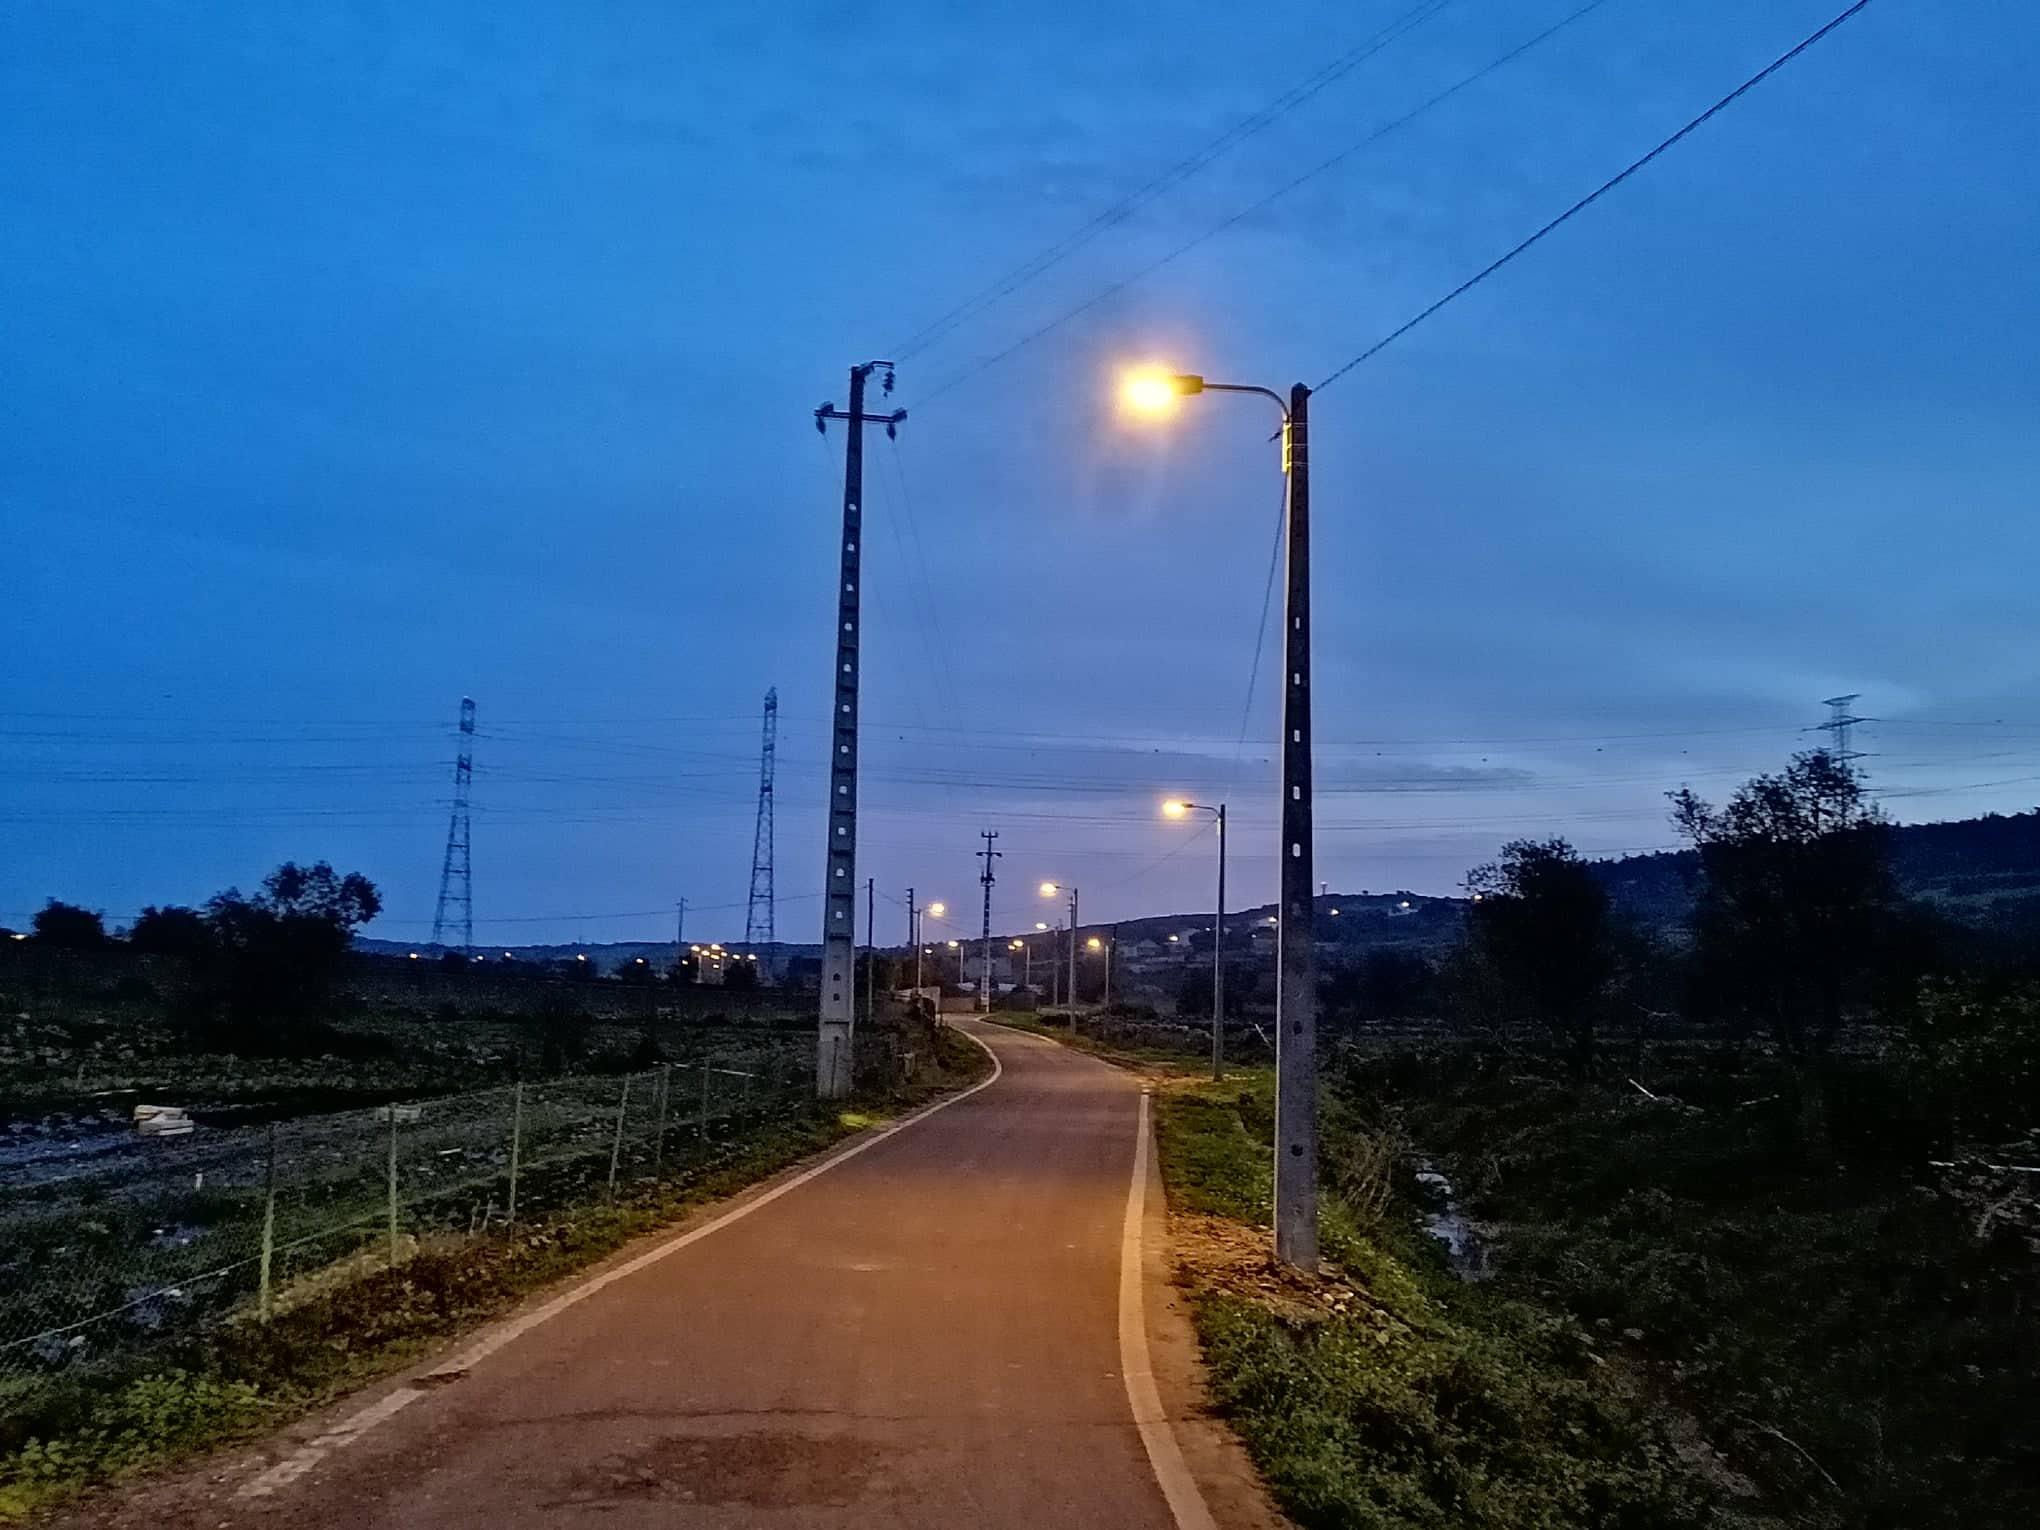 CASAINHOS -(c) TORRE BESOEIRA -(tb) Iluminação pública de toda a Rua das Hortas. Uma obra importante para a segurança e qualidade de vida da população!